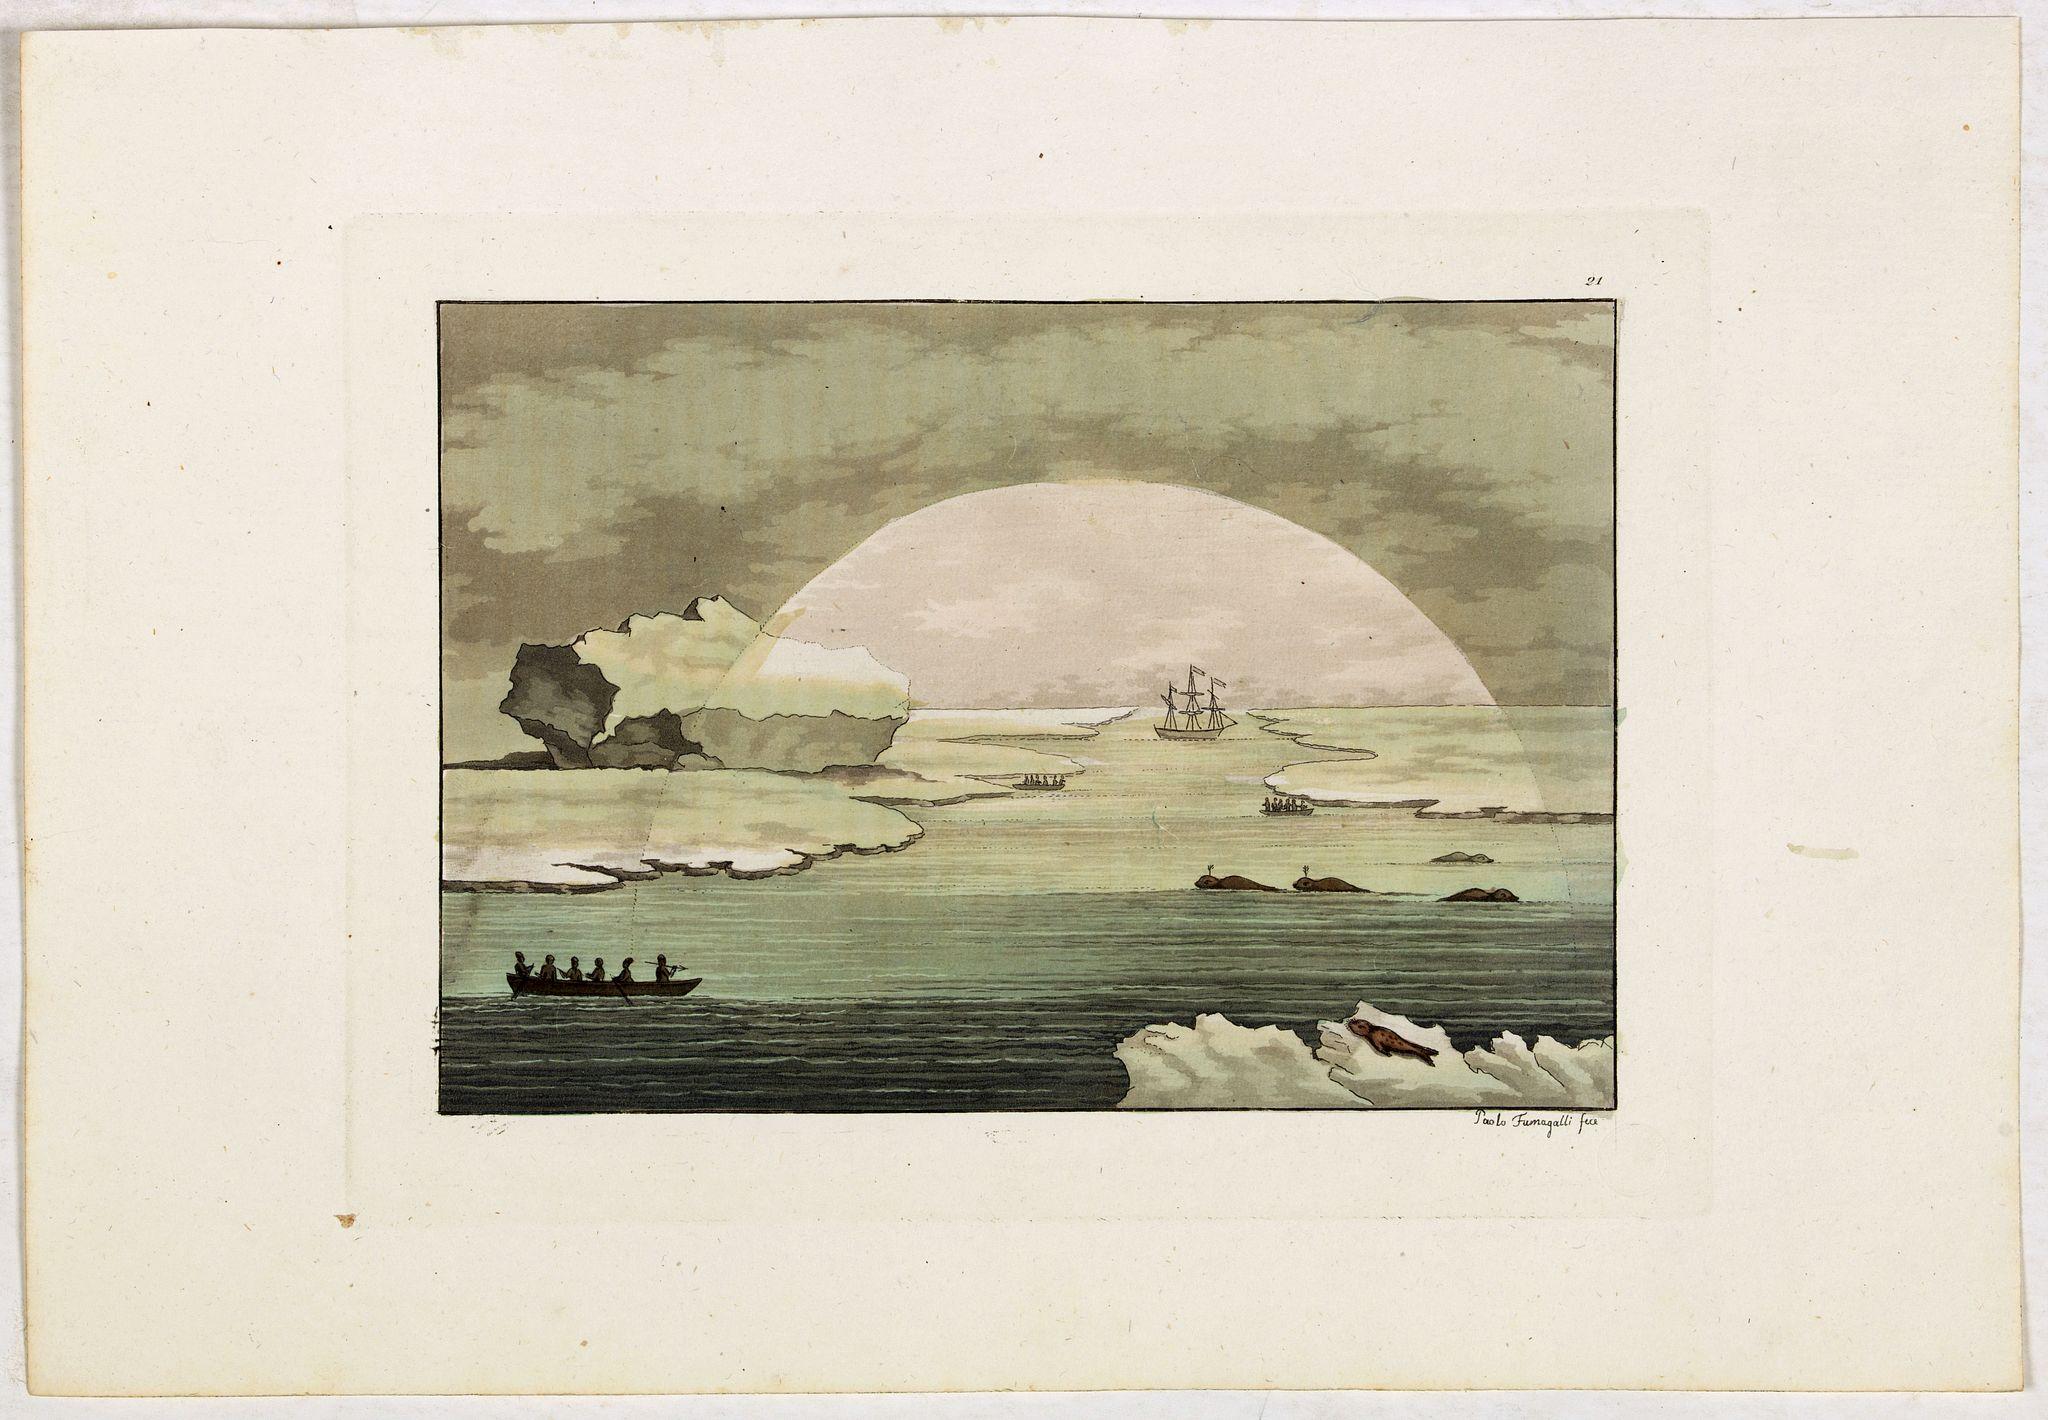 FERRARIO, G. -  [Seeking the North West Passage - the British Voyage to Spitzbergen, 1818].